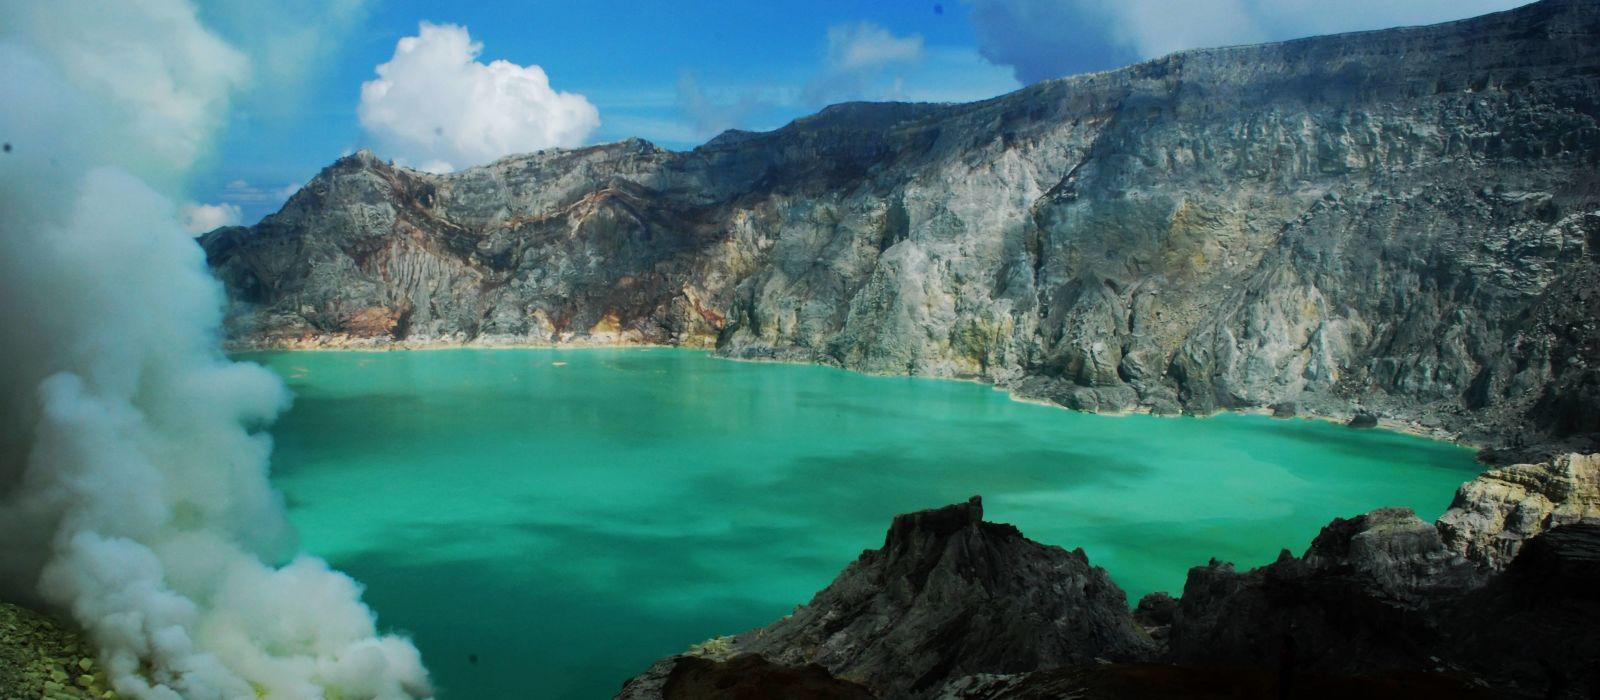 Java Rundreise & Abenteuer auf Bali: Verborgene Juwelen entdecken Urlaub 3